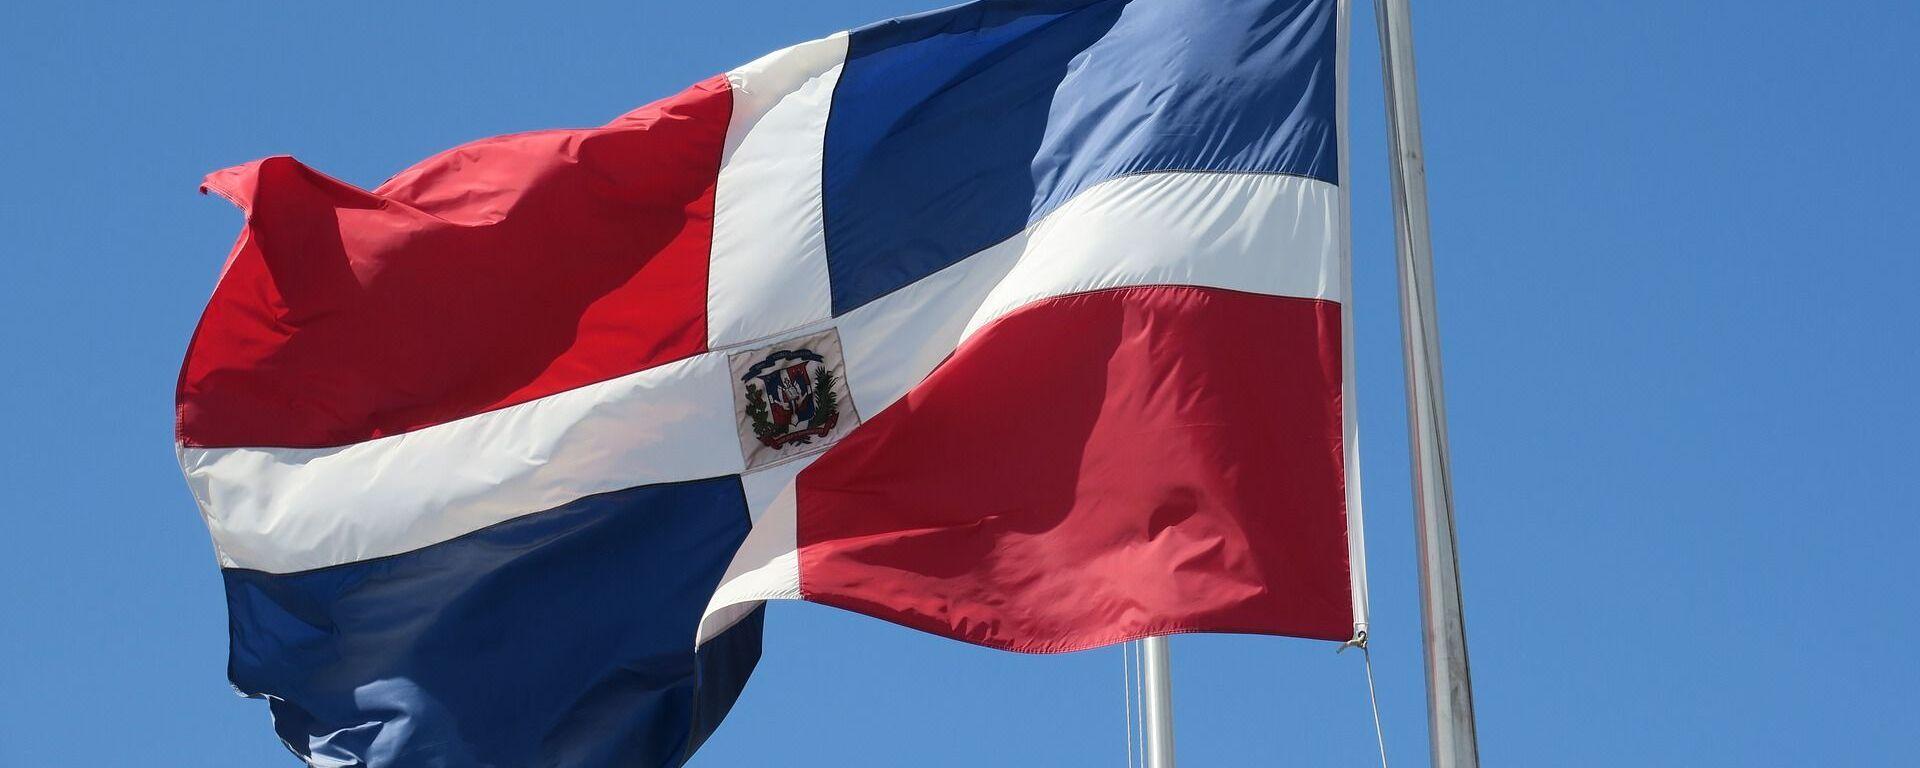 Le drapeau de la République dominicaine - Sputnik France, 1920, 04.03.2021